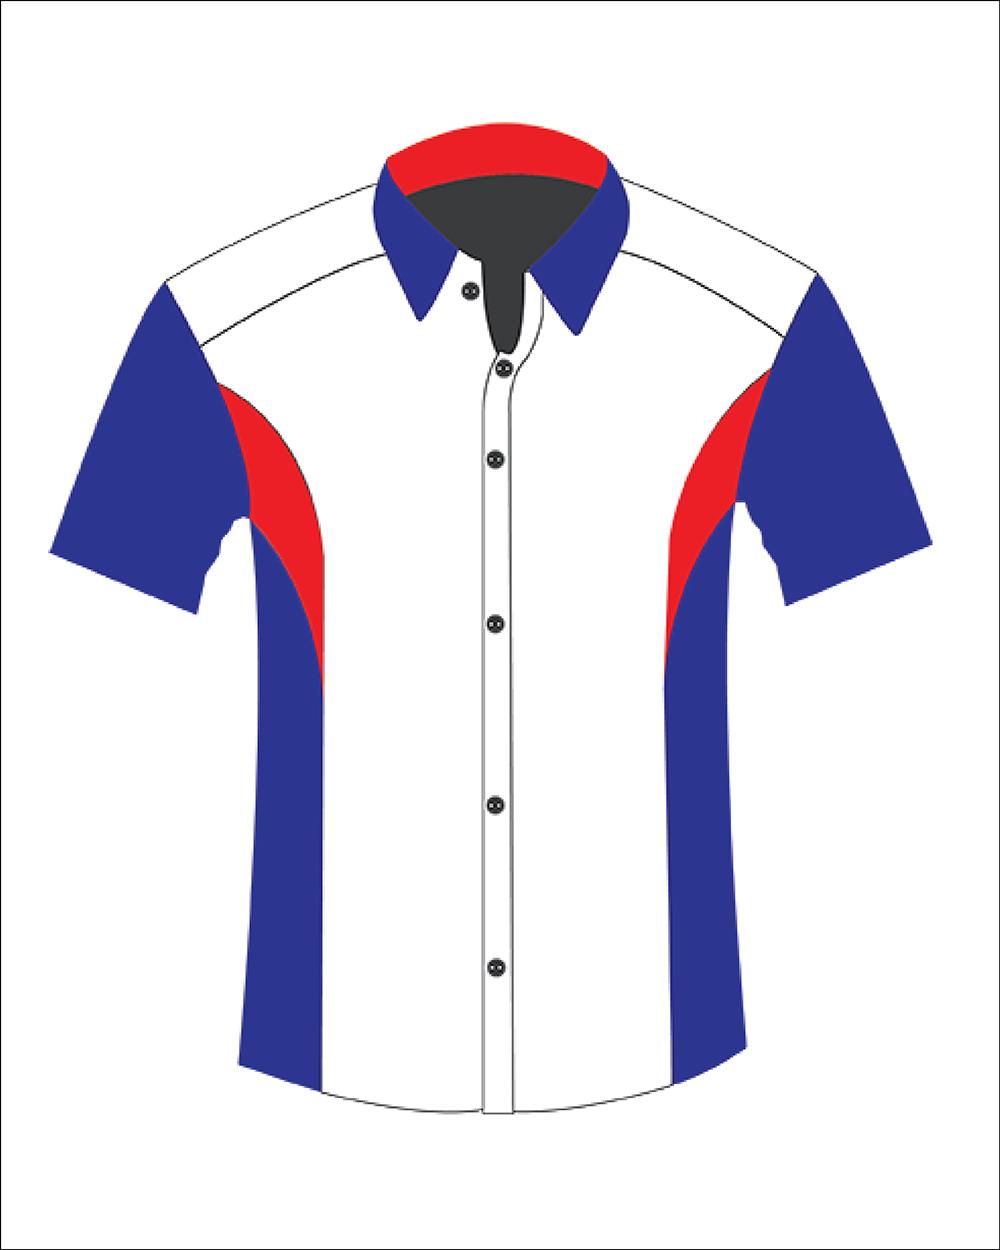 c7d0664e6 Kilang Custom Made Baju Harga Murah Malaysia - Custom Made T shirt ...